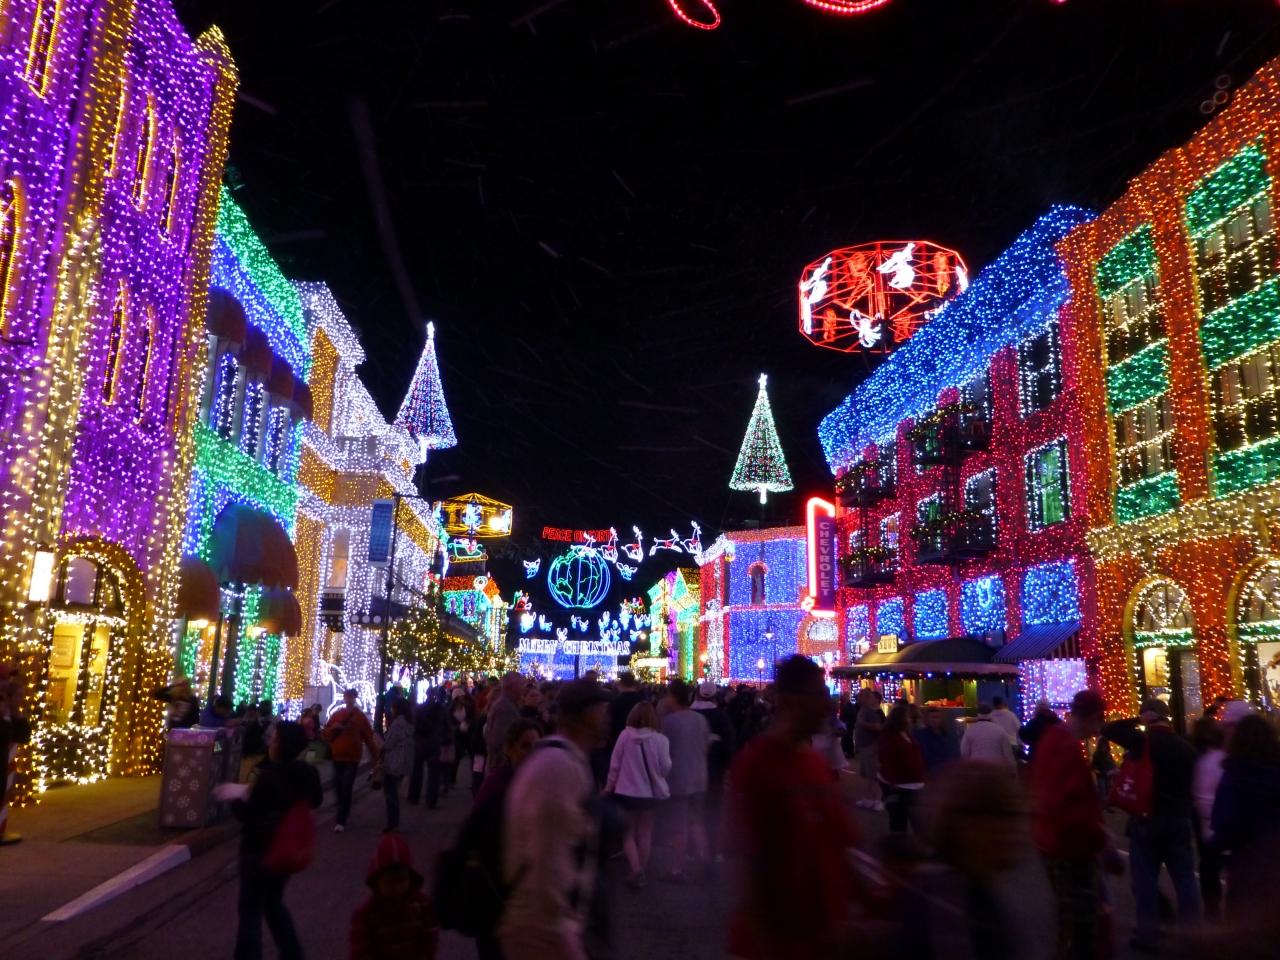 2012-2013_フロリダ2_wdw_ディズニーハリウッドスタジオ』オーランド